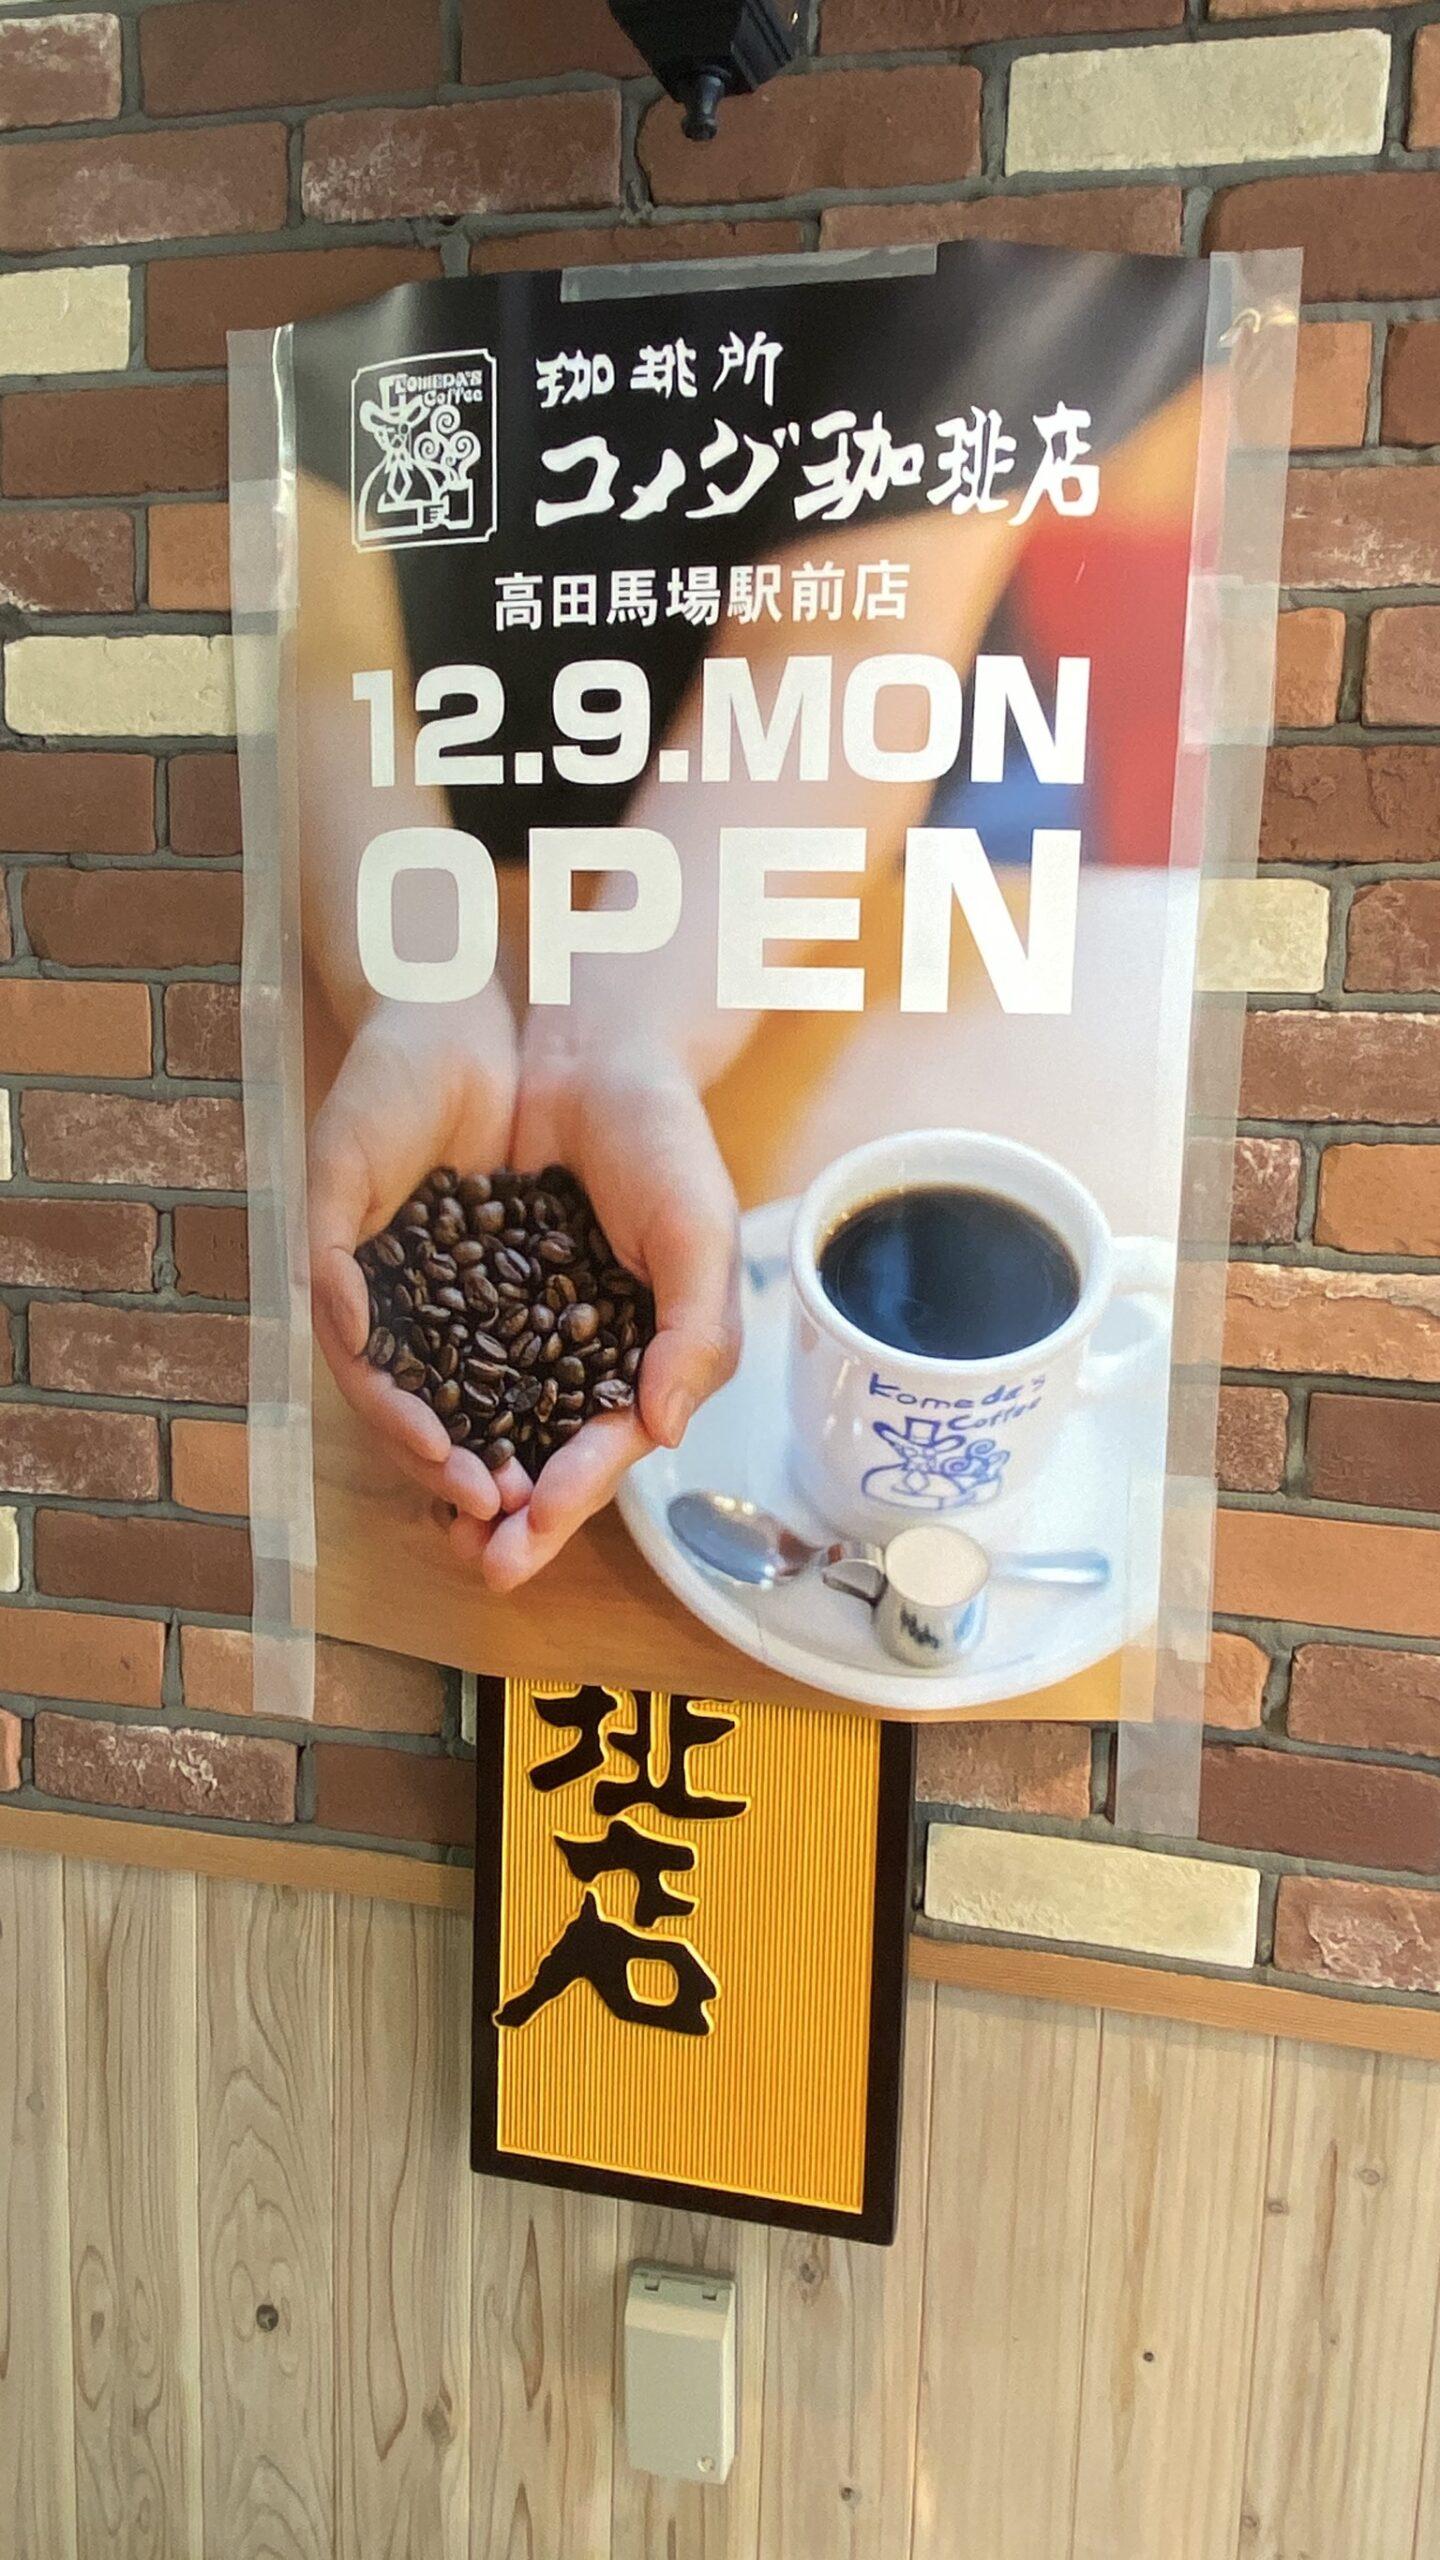 高田馬場にコメダ珈琲店2019年12月9日オープン 1